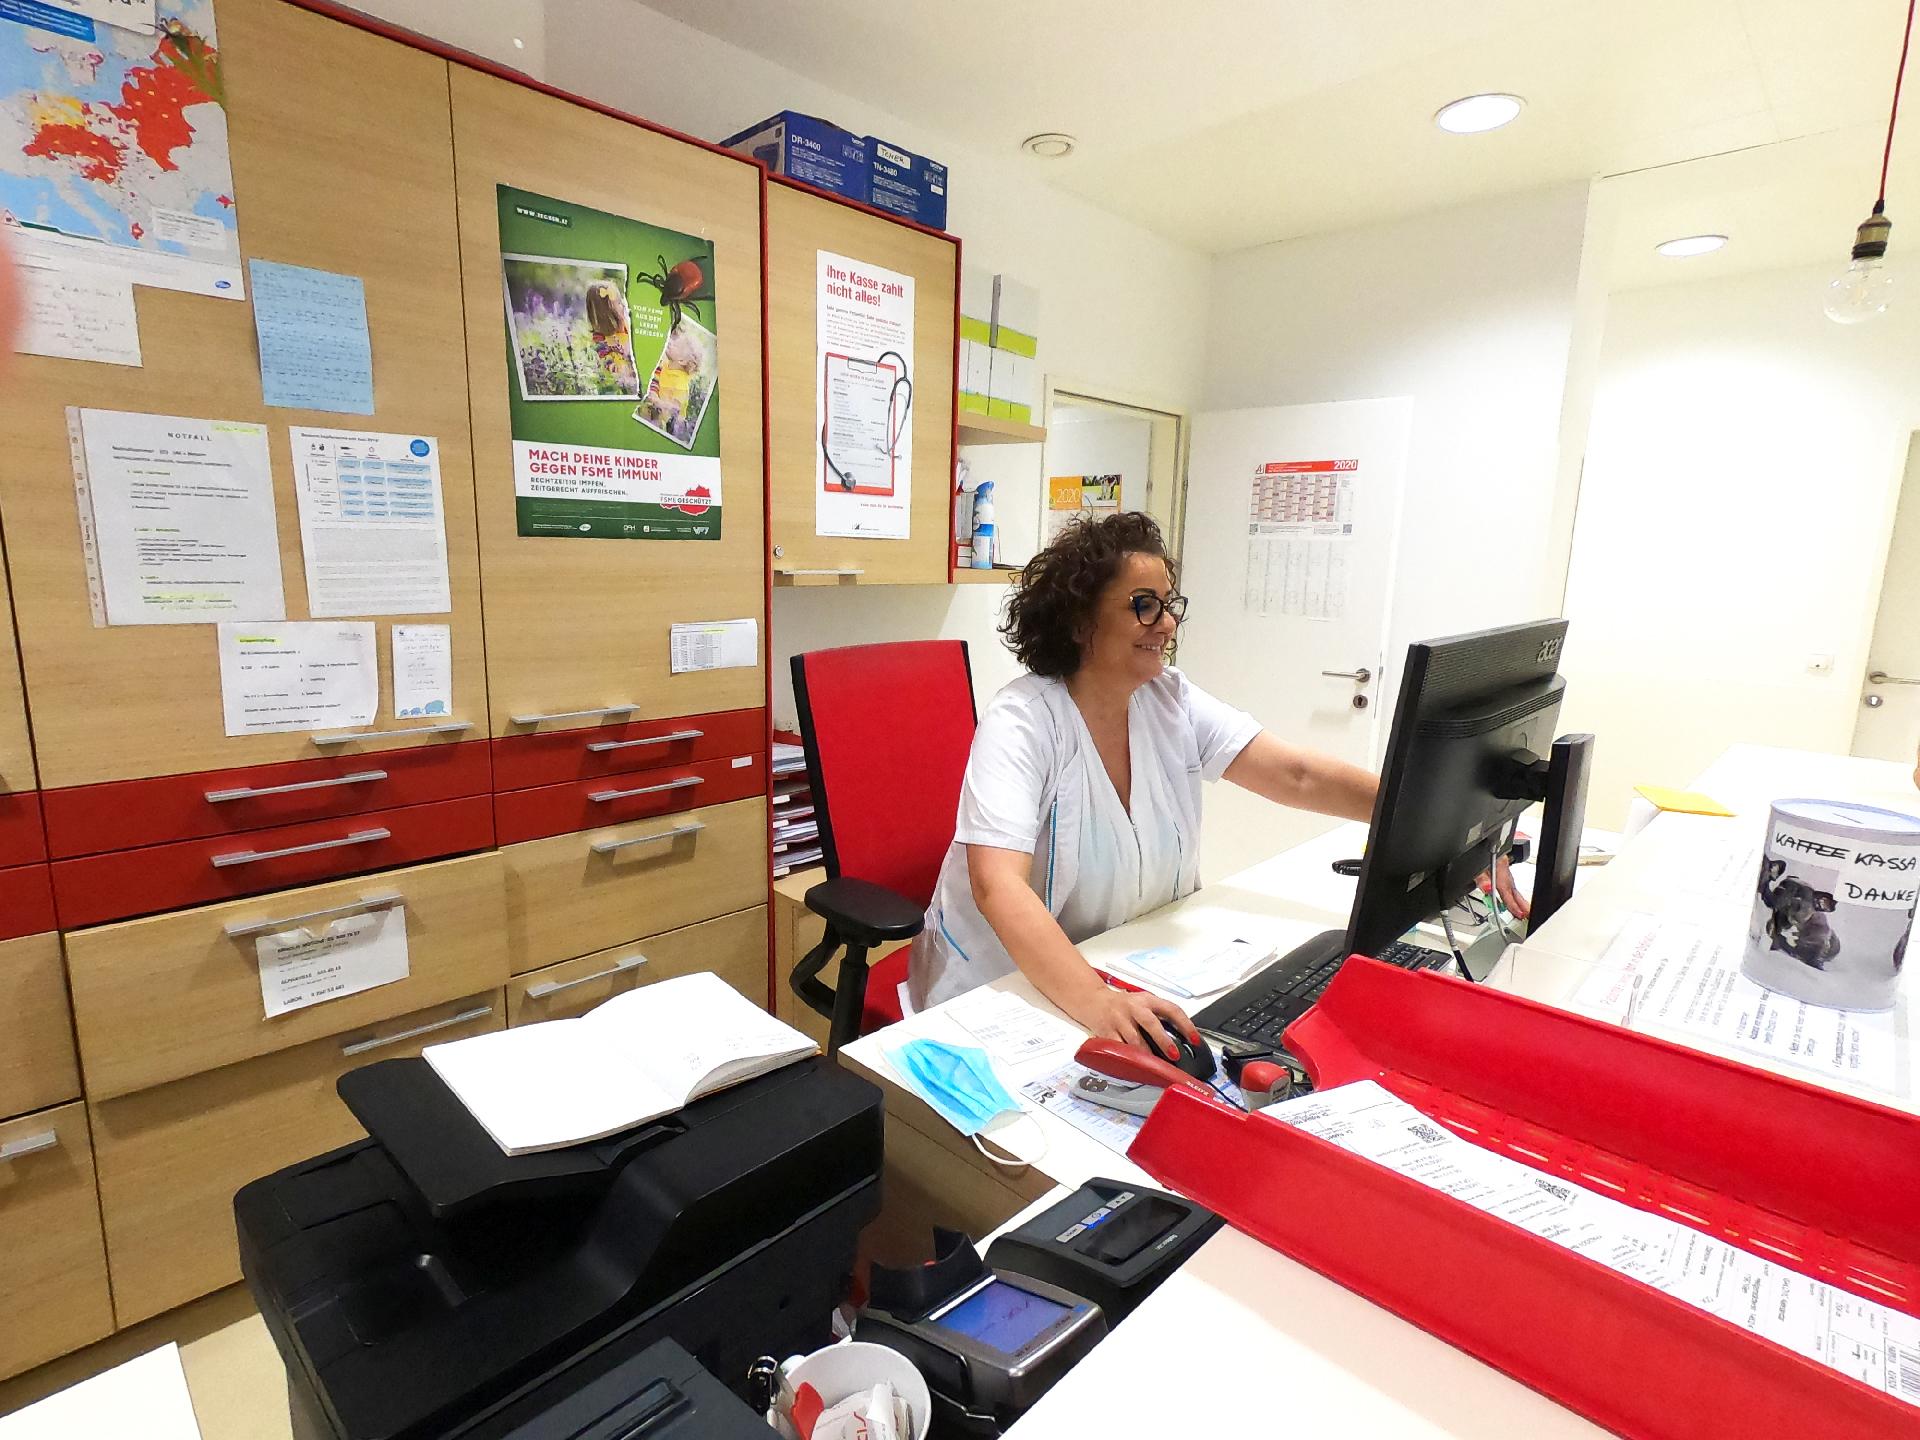 Kinderarzt-wien-19-Dr-Robert-Holzer-KindUndArzt-Team-Calina-Prehsl